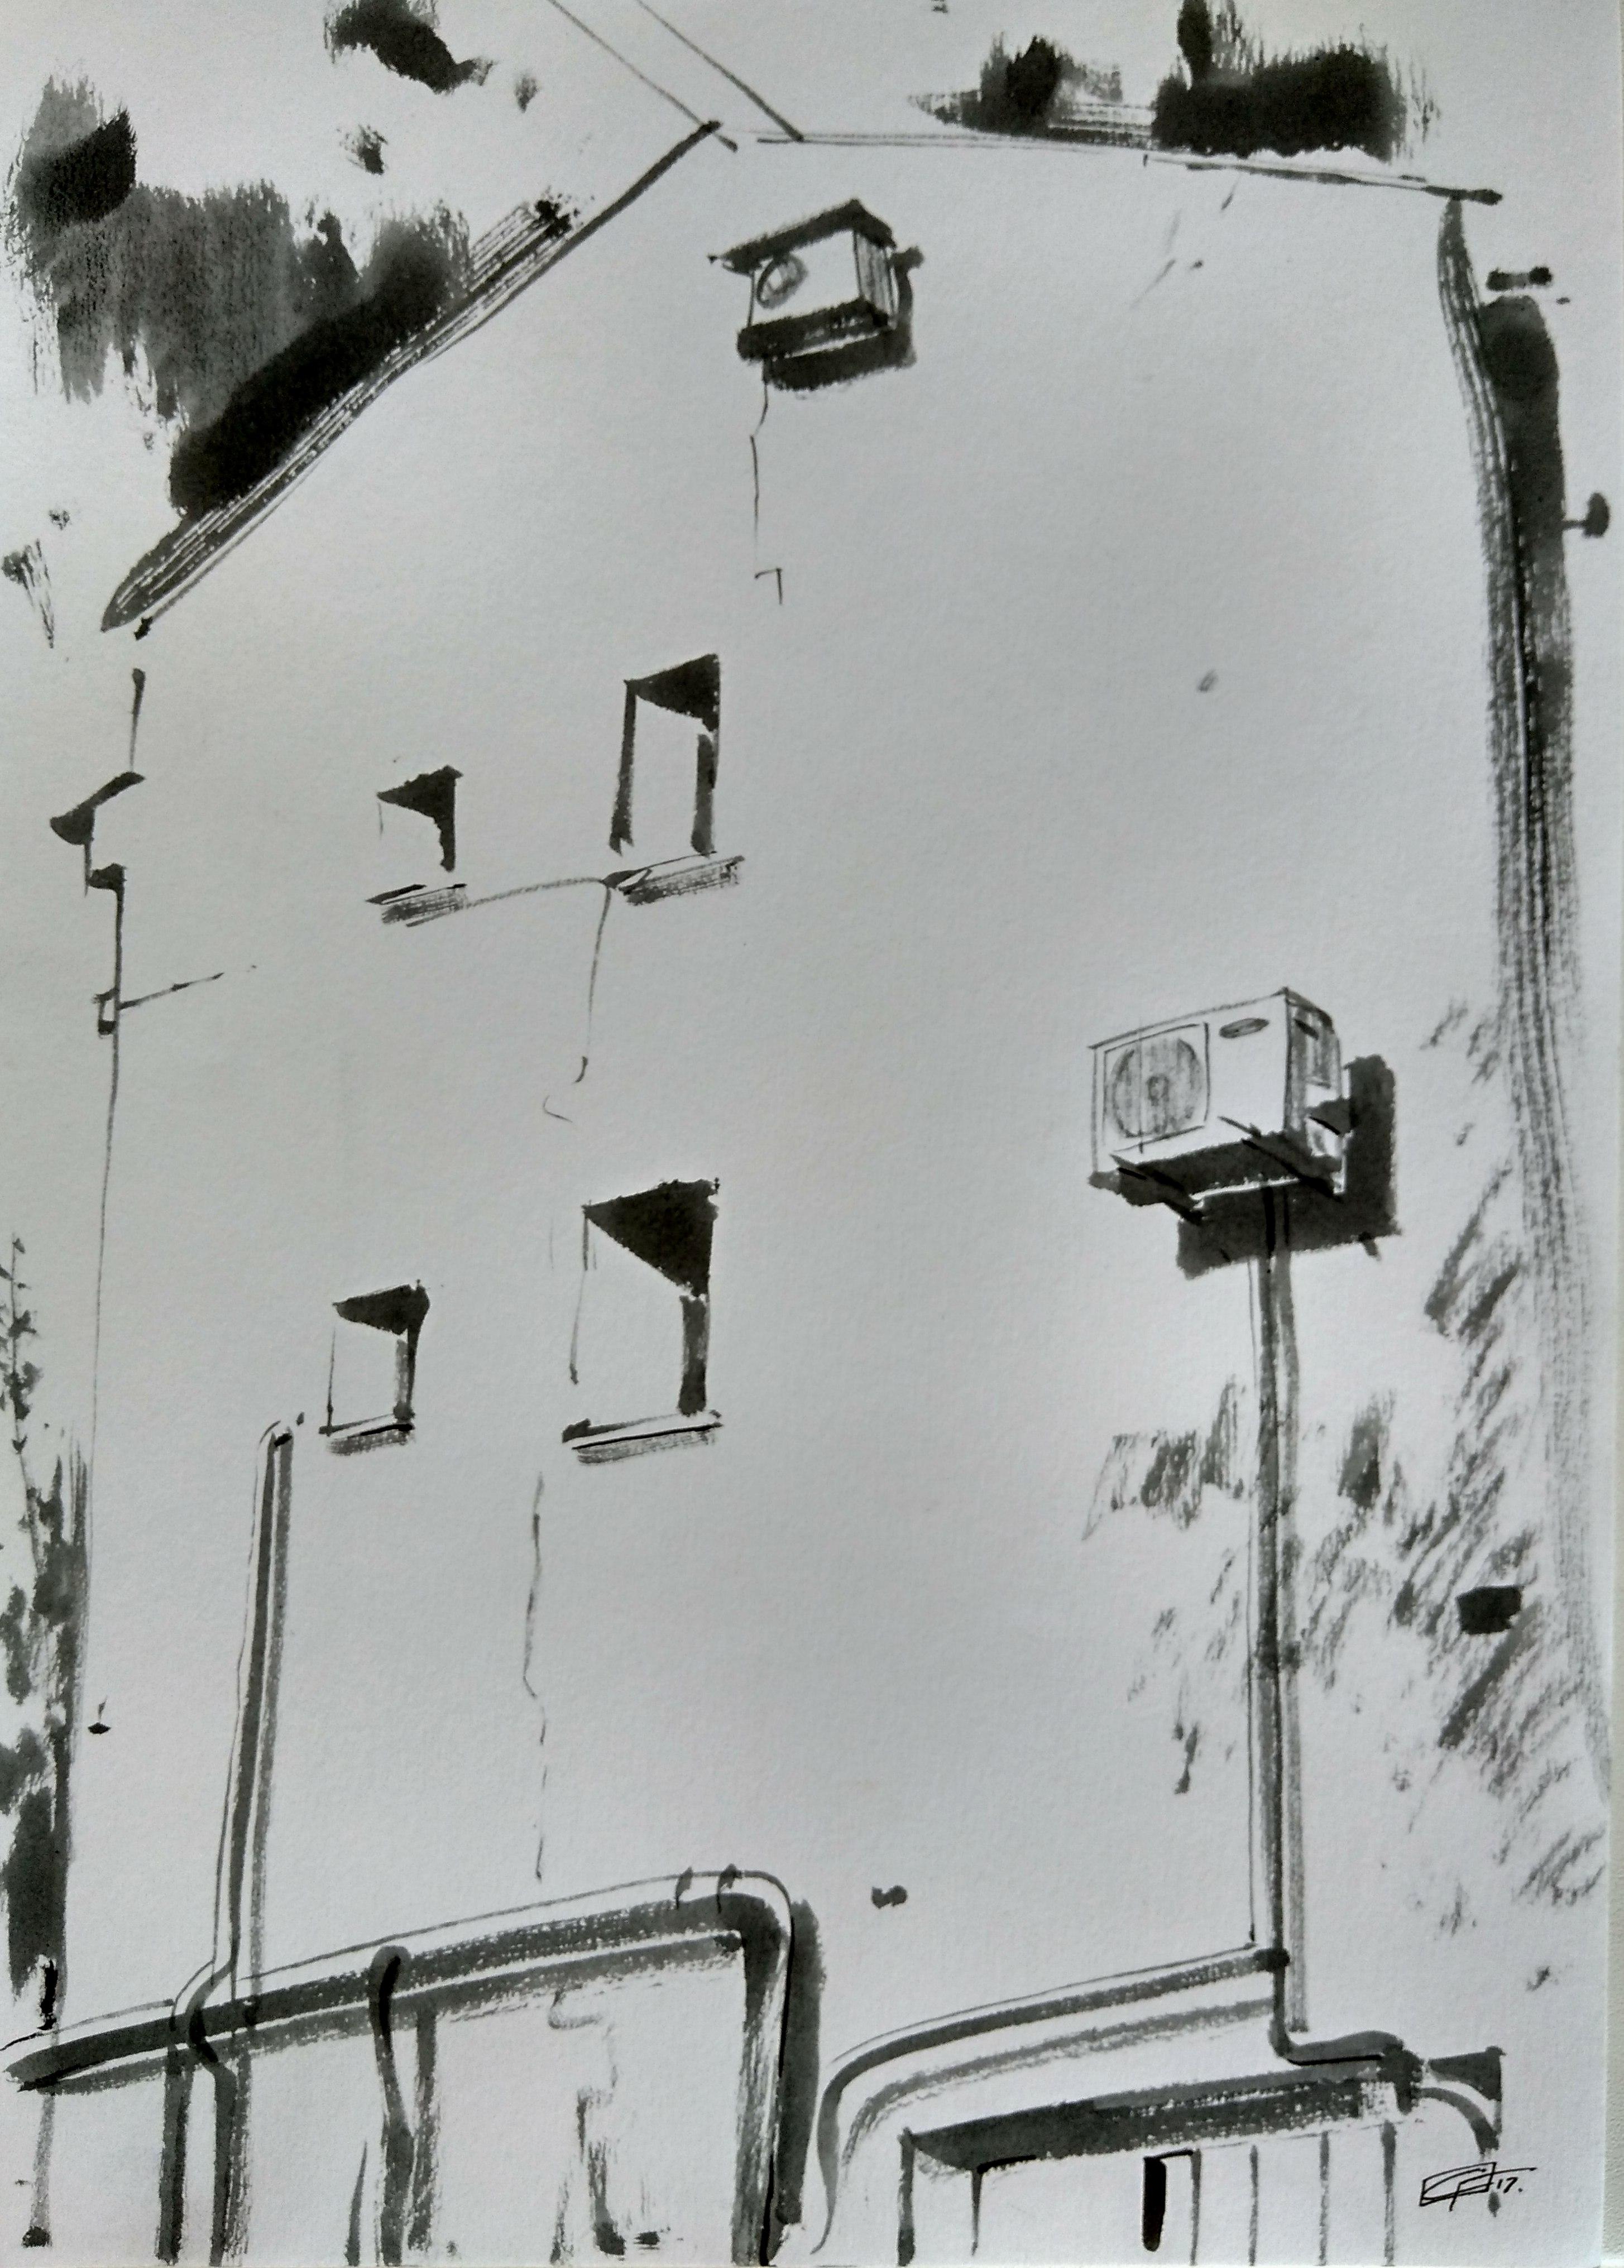 Такой необычный ракурс дома с совой нашел художник Станислав Горшков